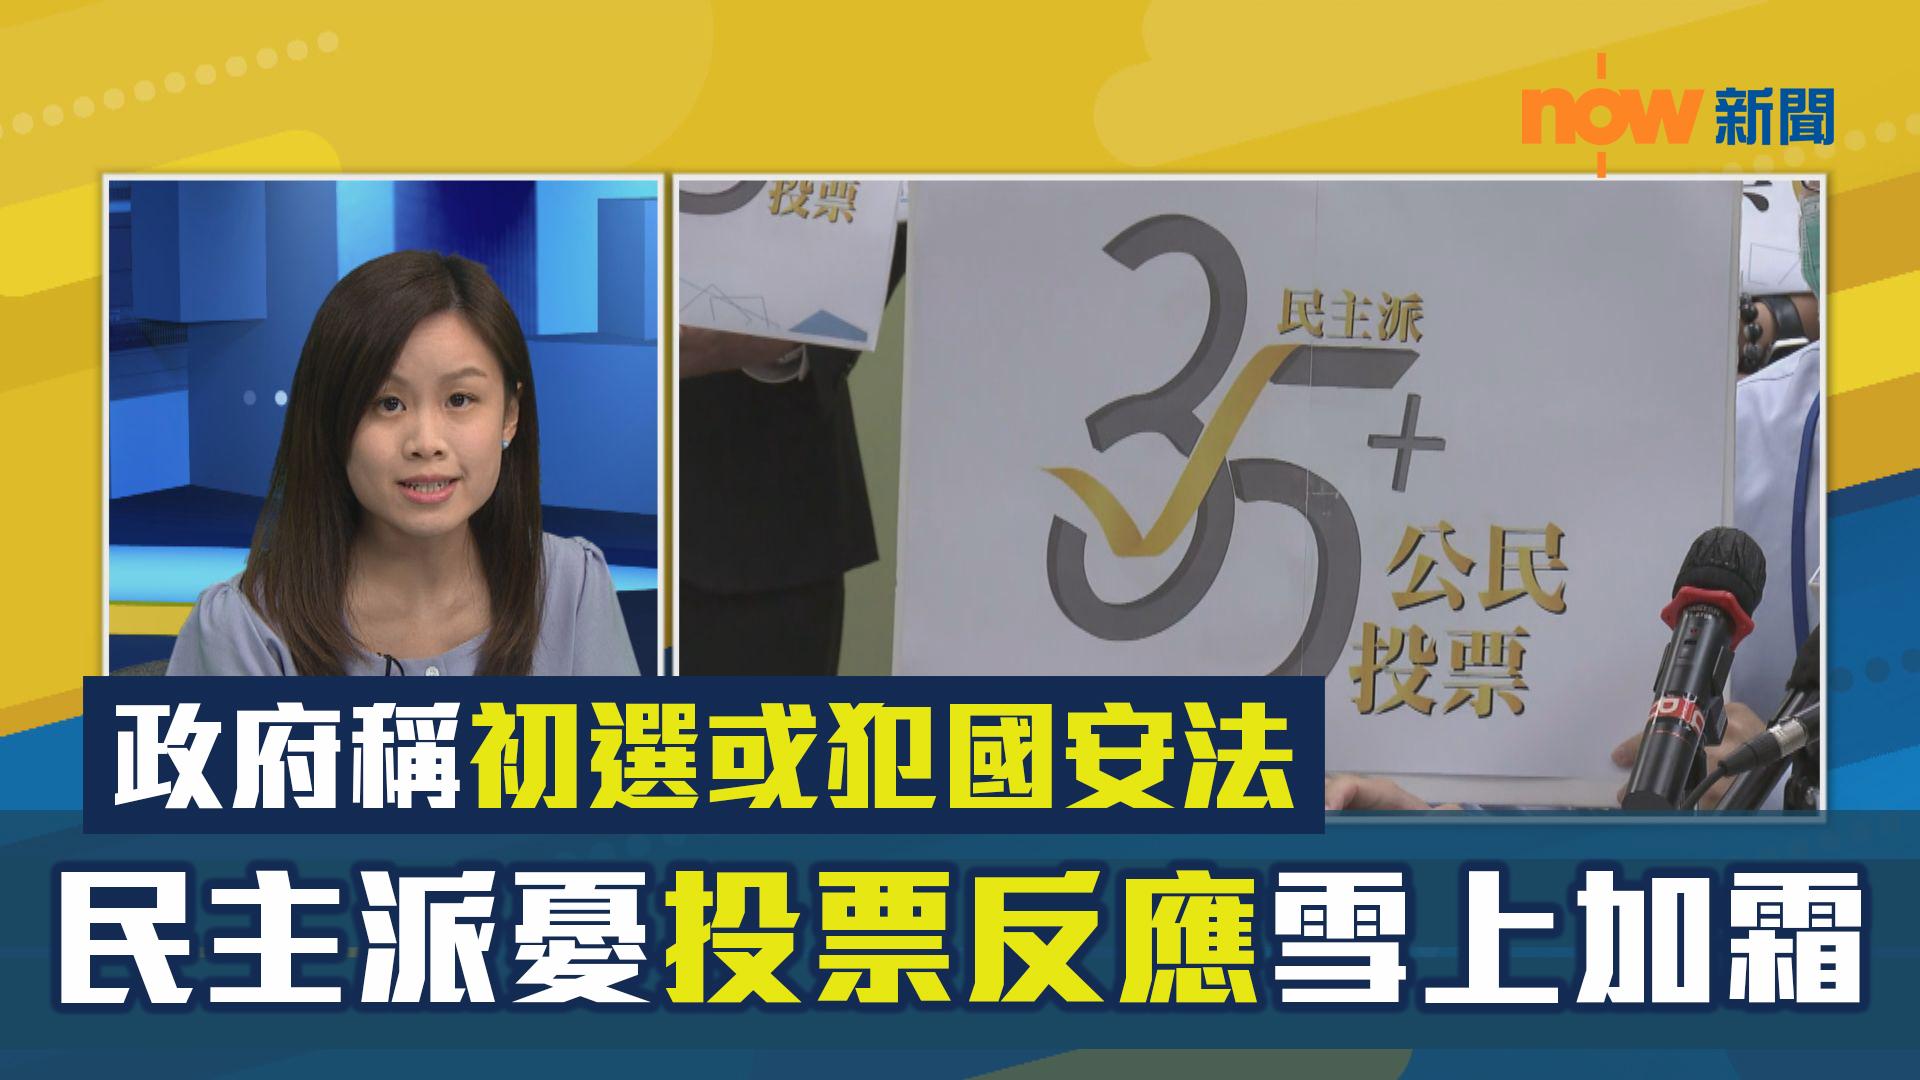 【政情】政府稱初選或犯國安法 民主派憂投票反應雪上加霜